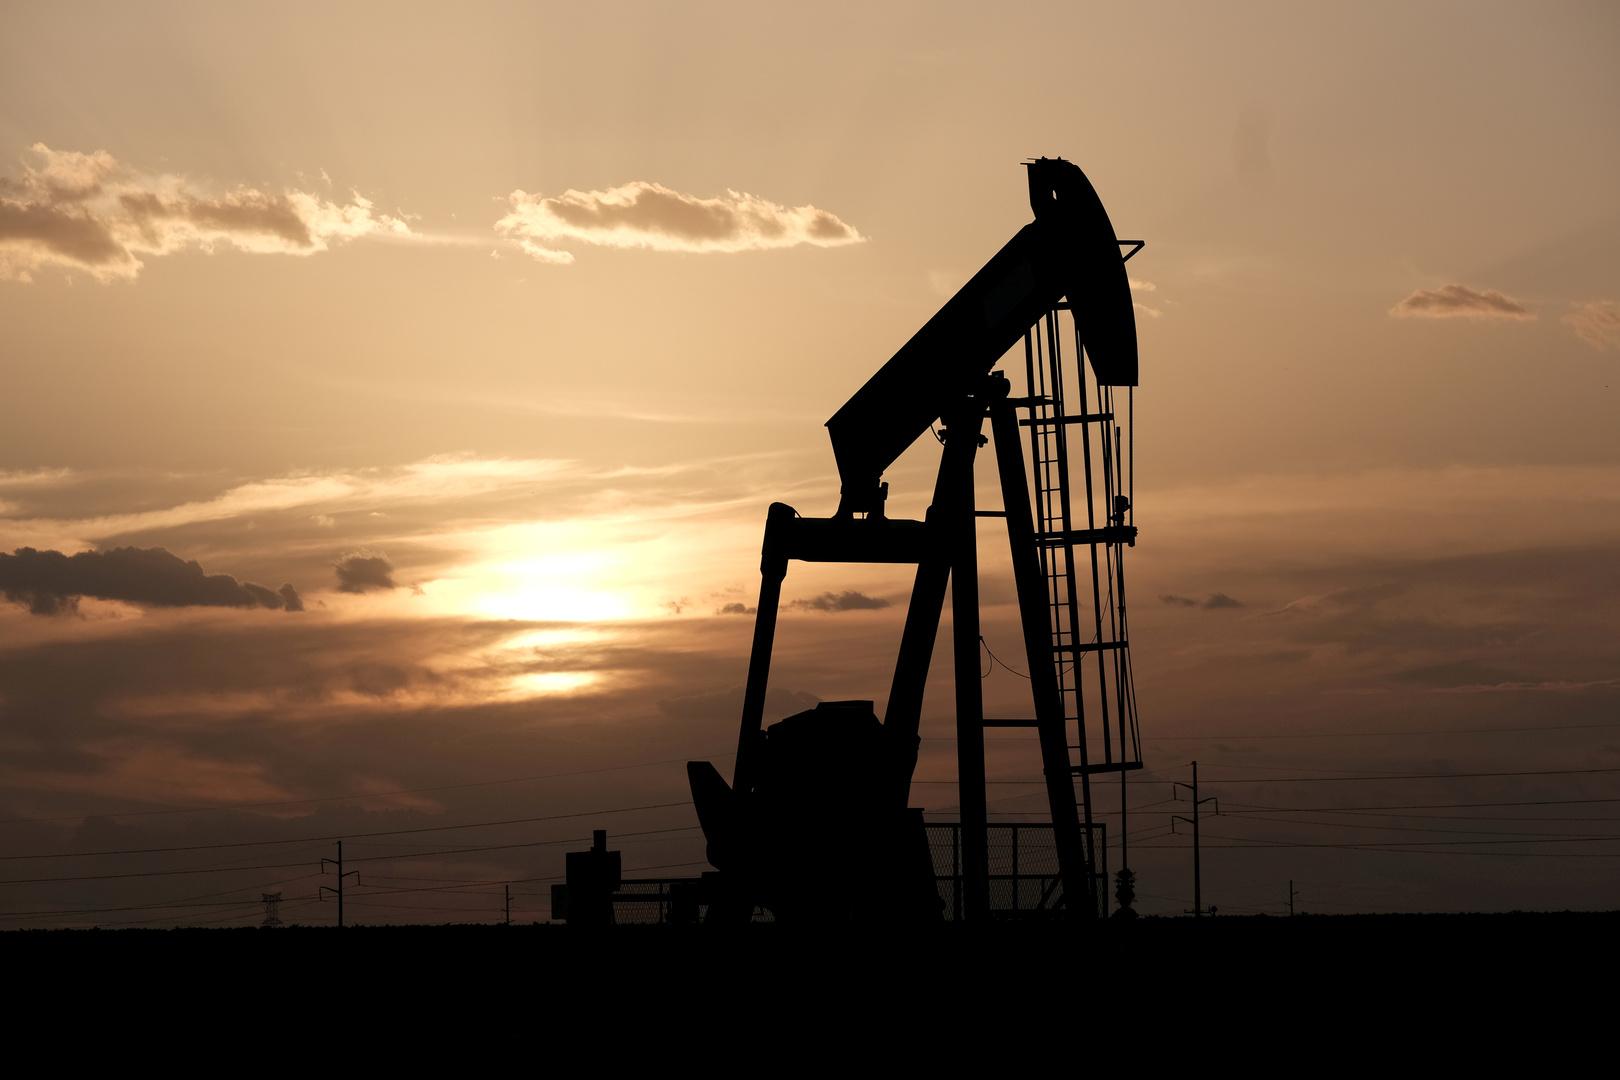 خبراء: الخفض السعودي لإنتاج النفط لن يضمن عدم ارتفاع الطلب والأسعار